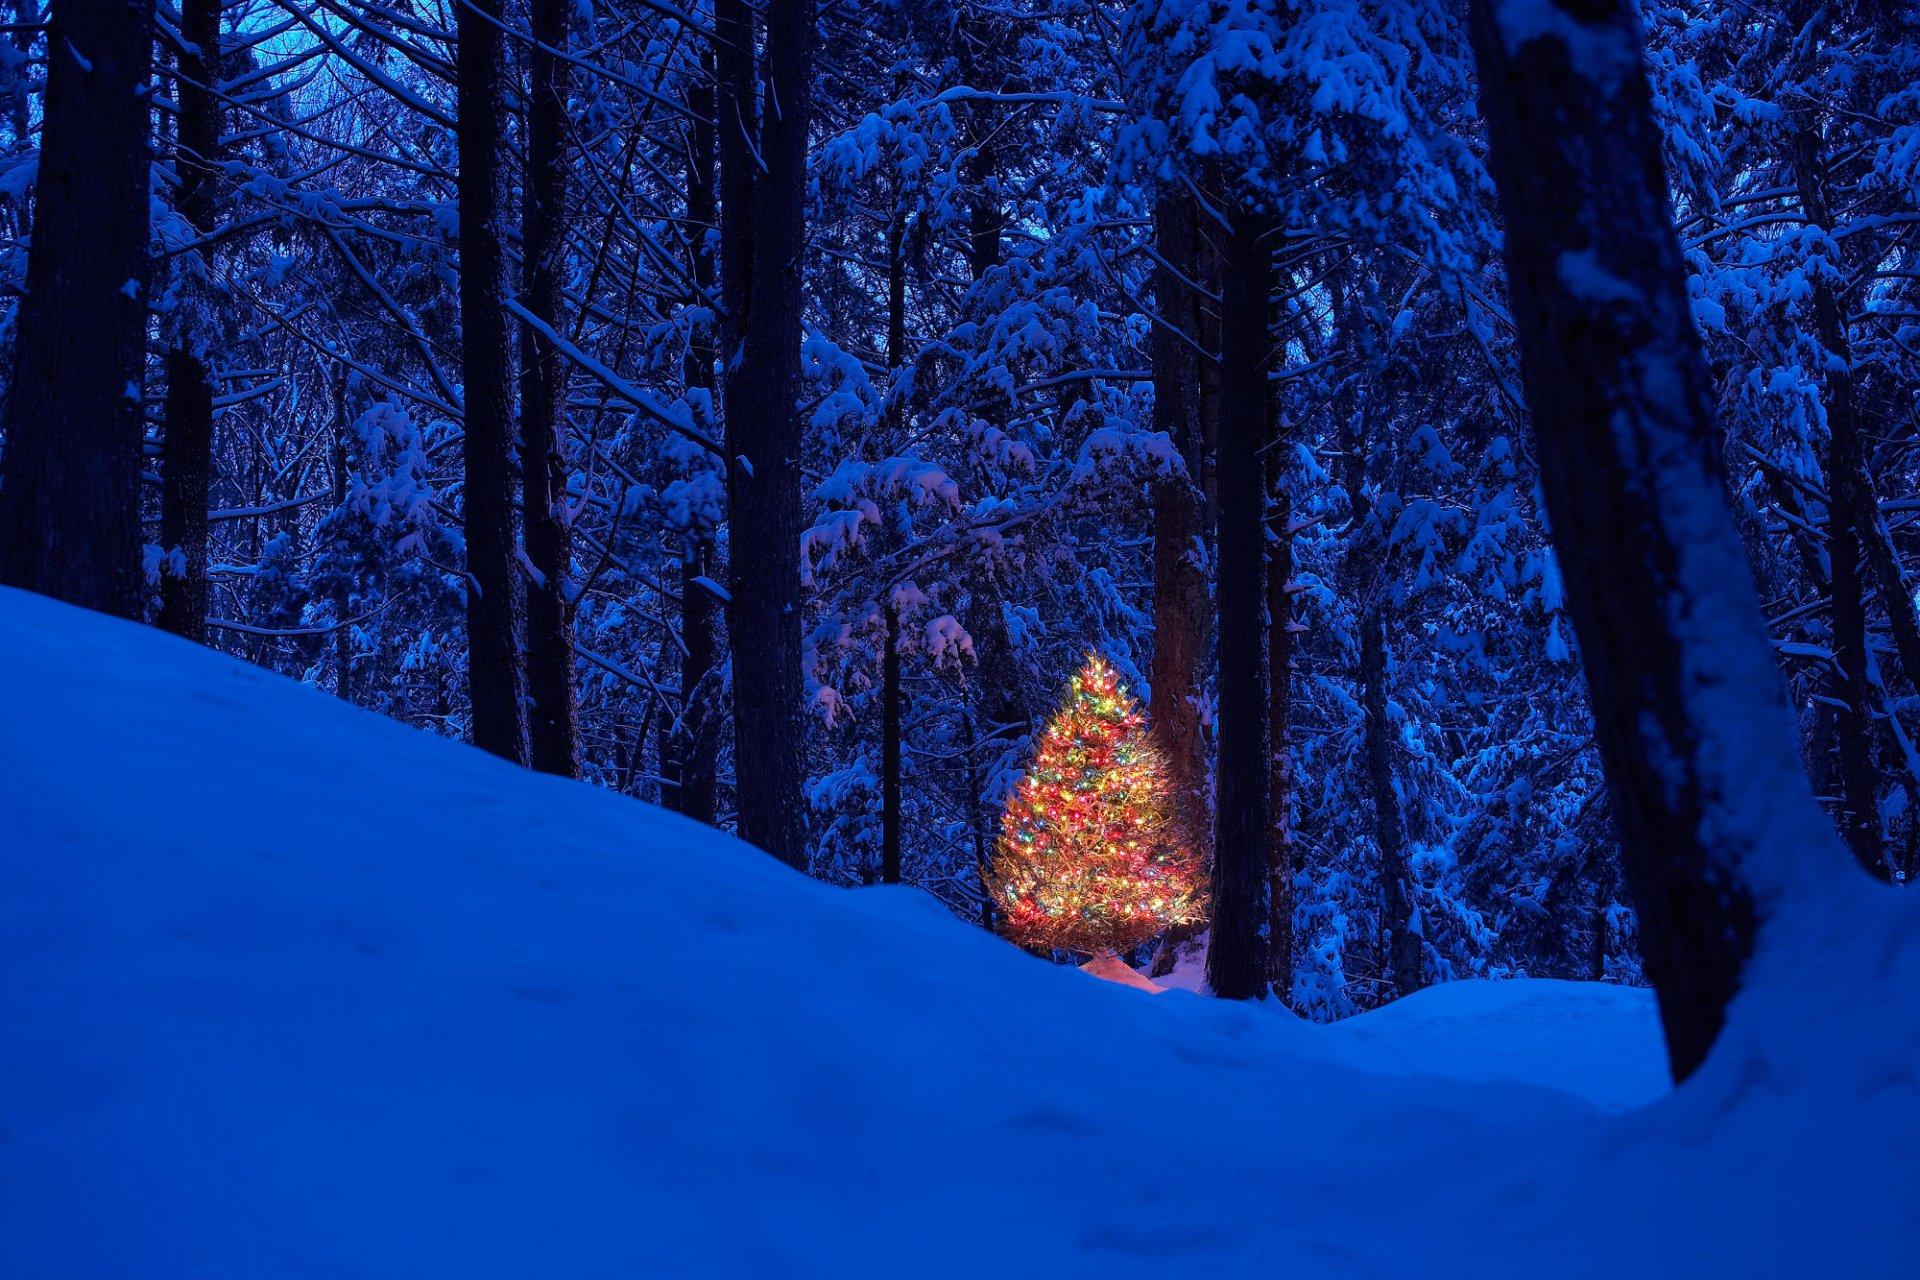 него, человек картинки новогоднего леса симптом может быть